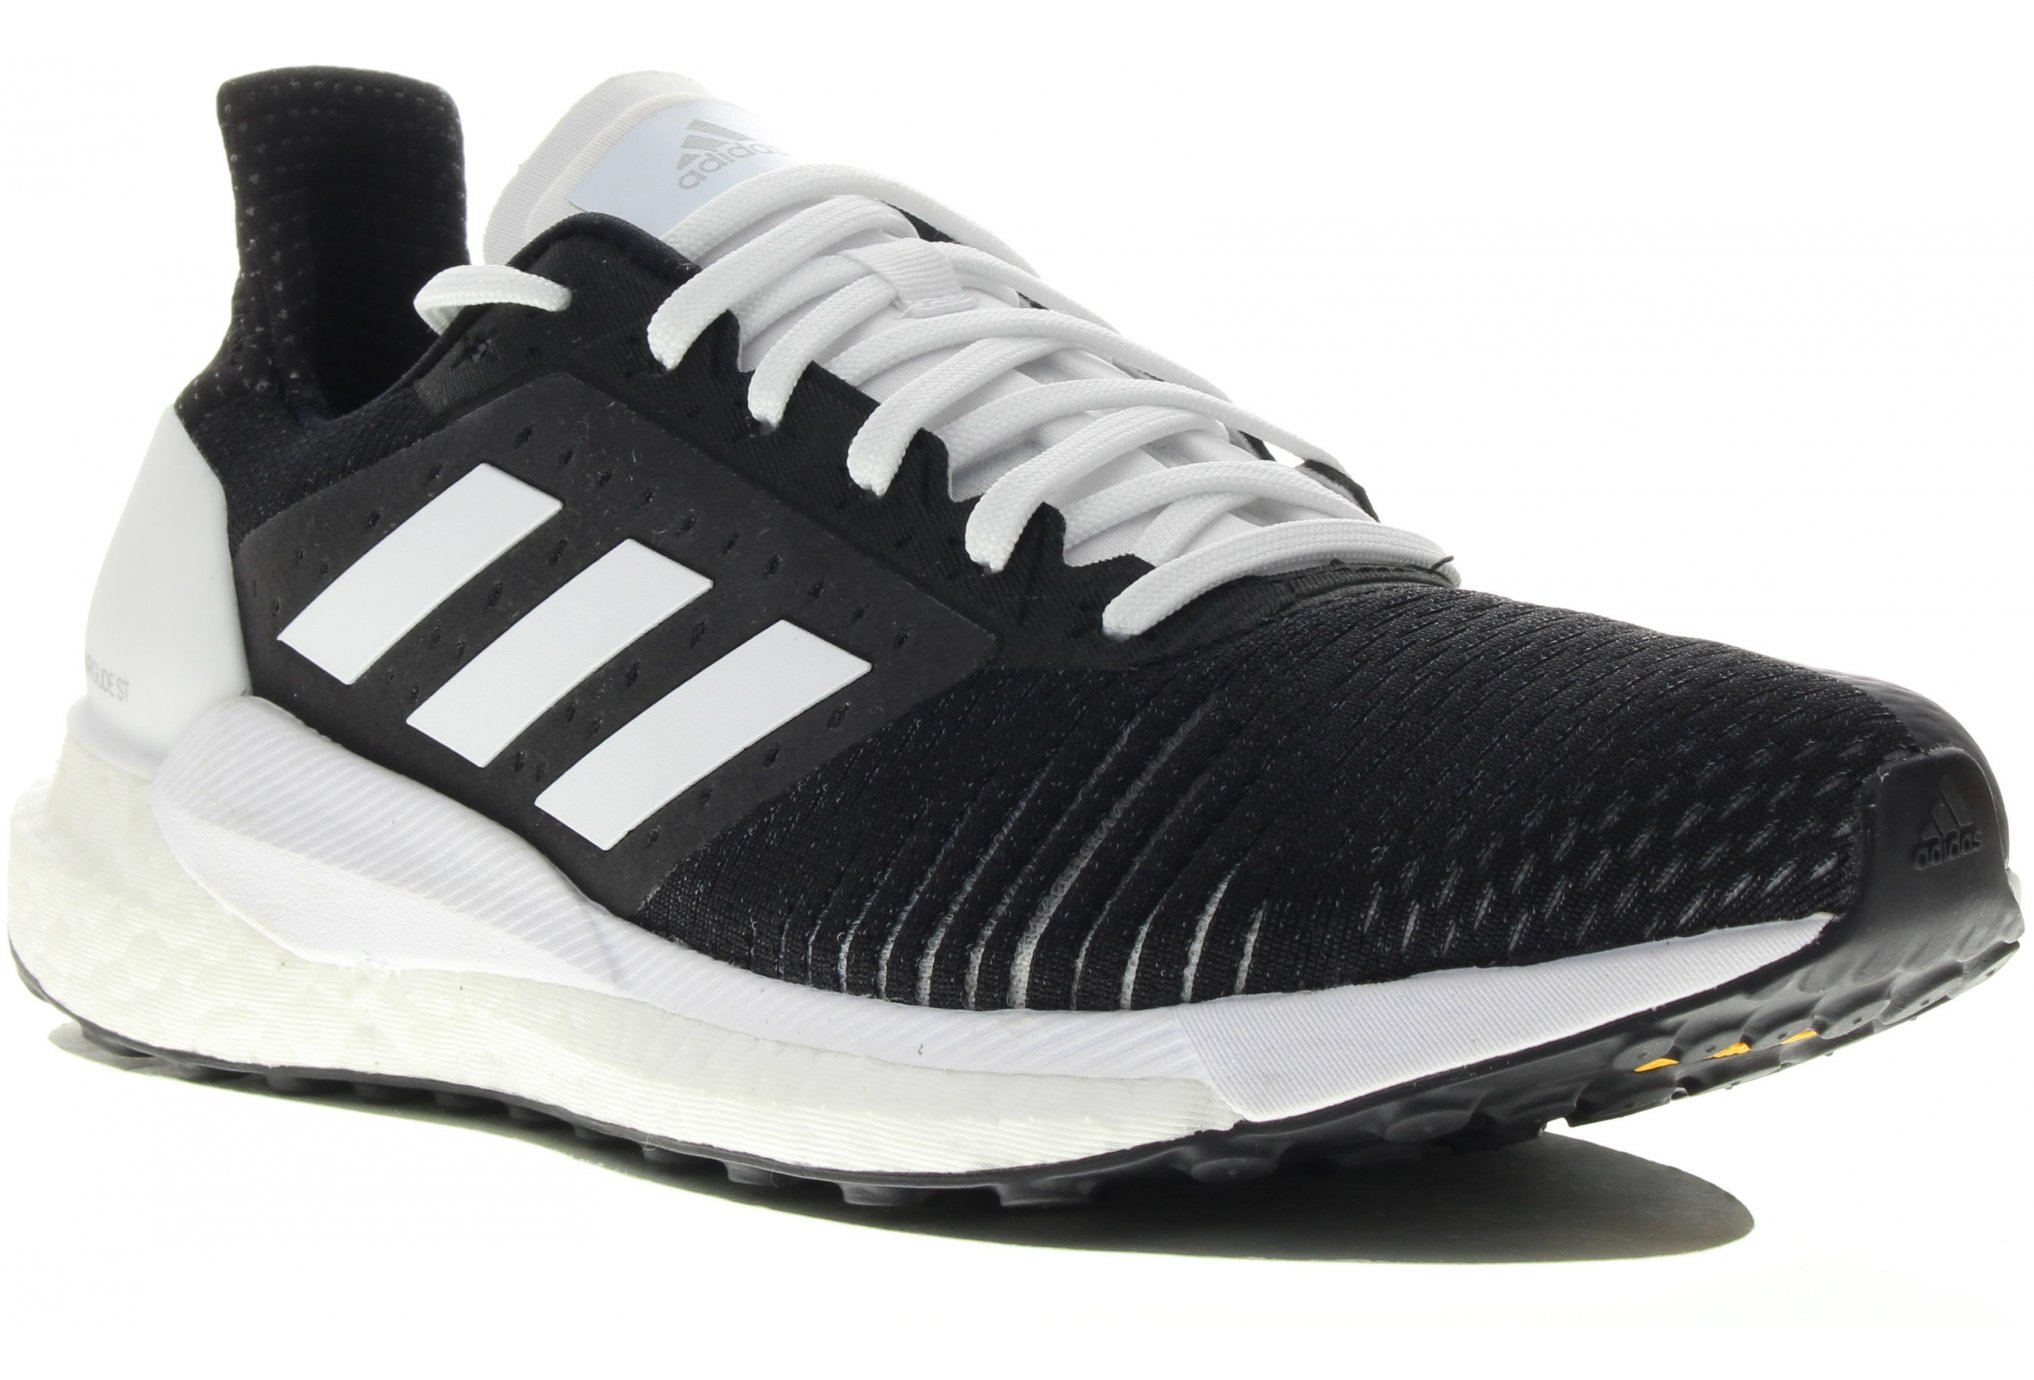 Adidas Solar glide st w diététique chaussures femme